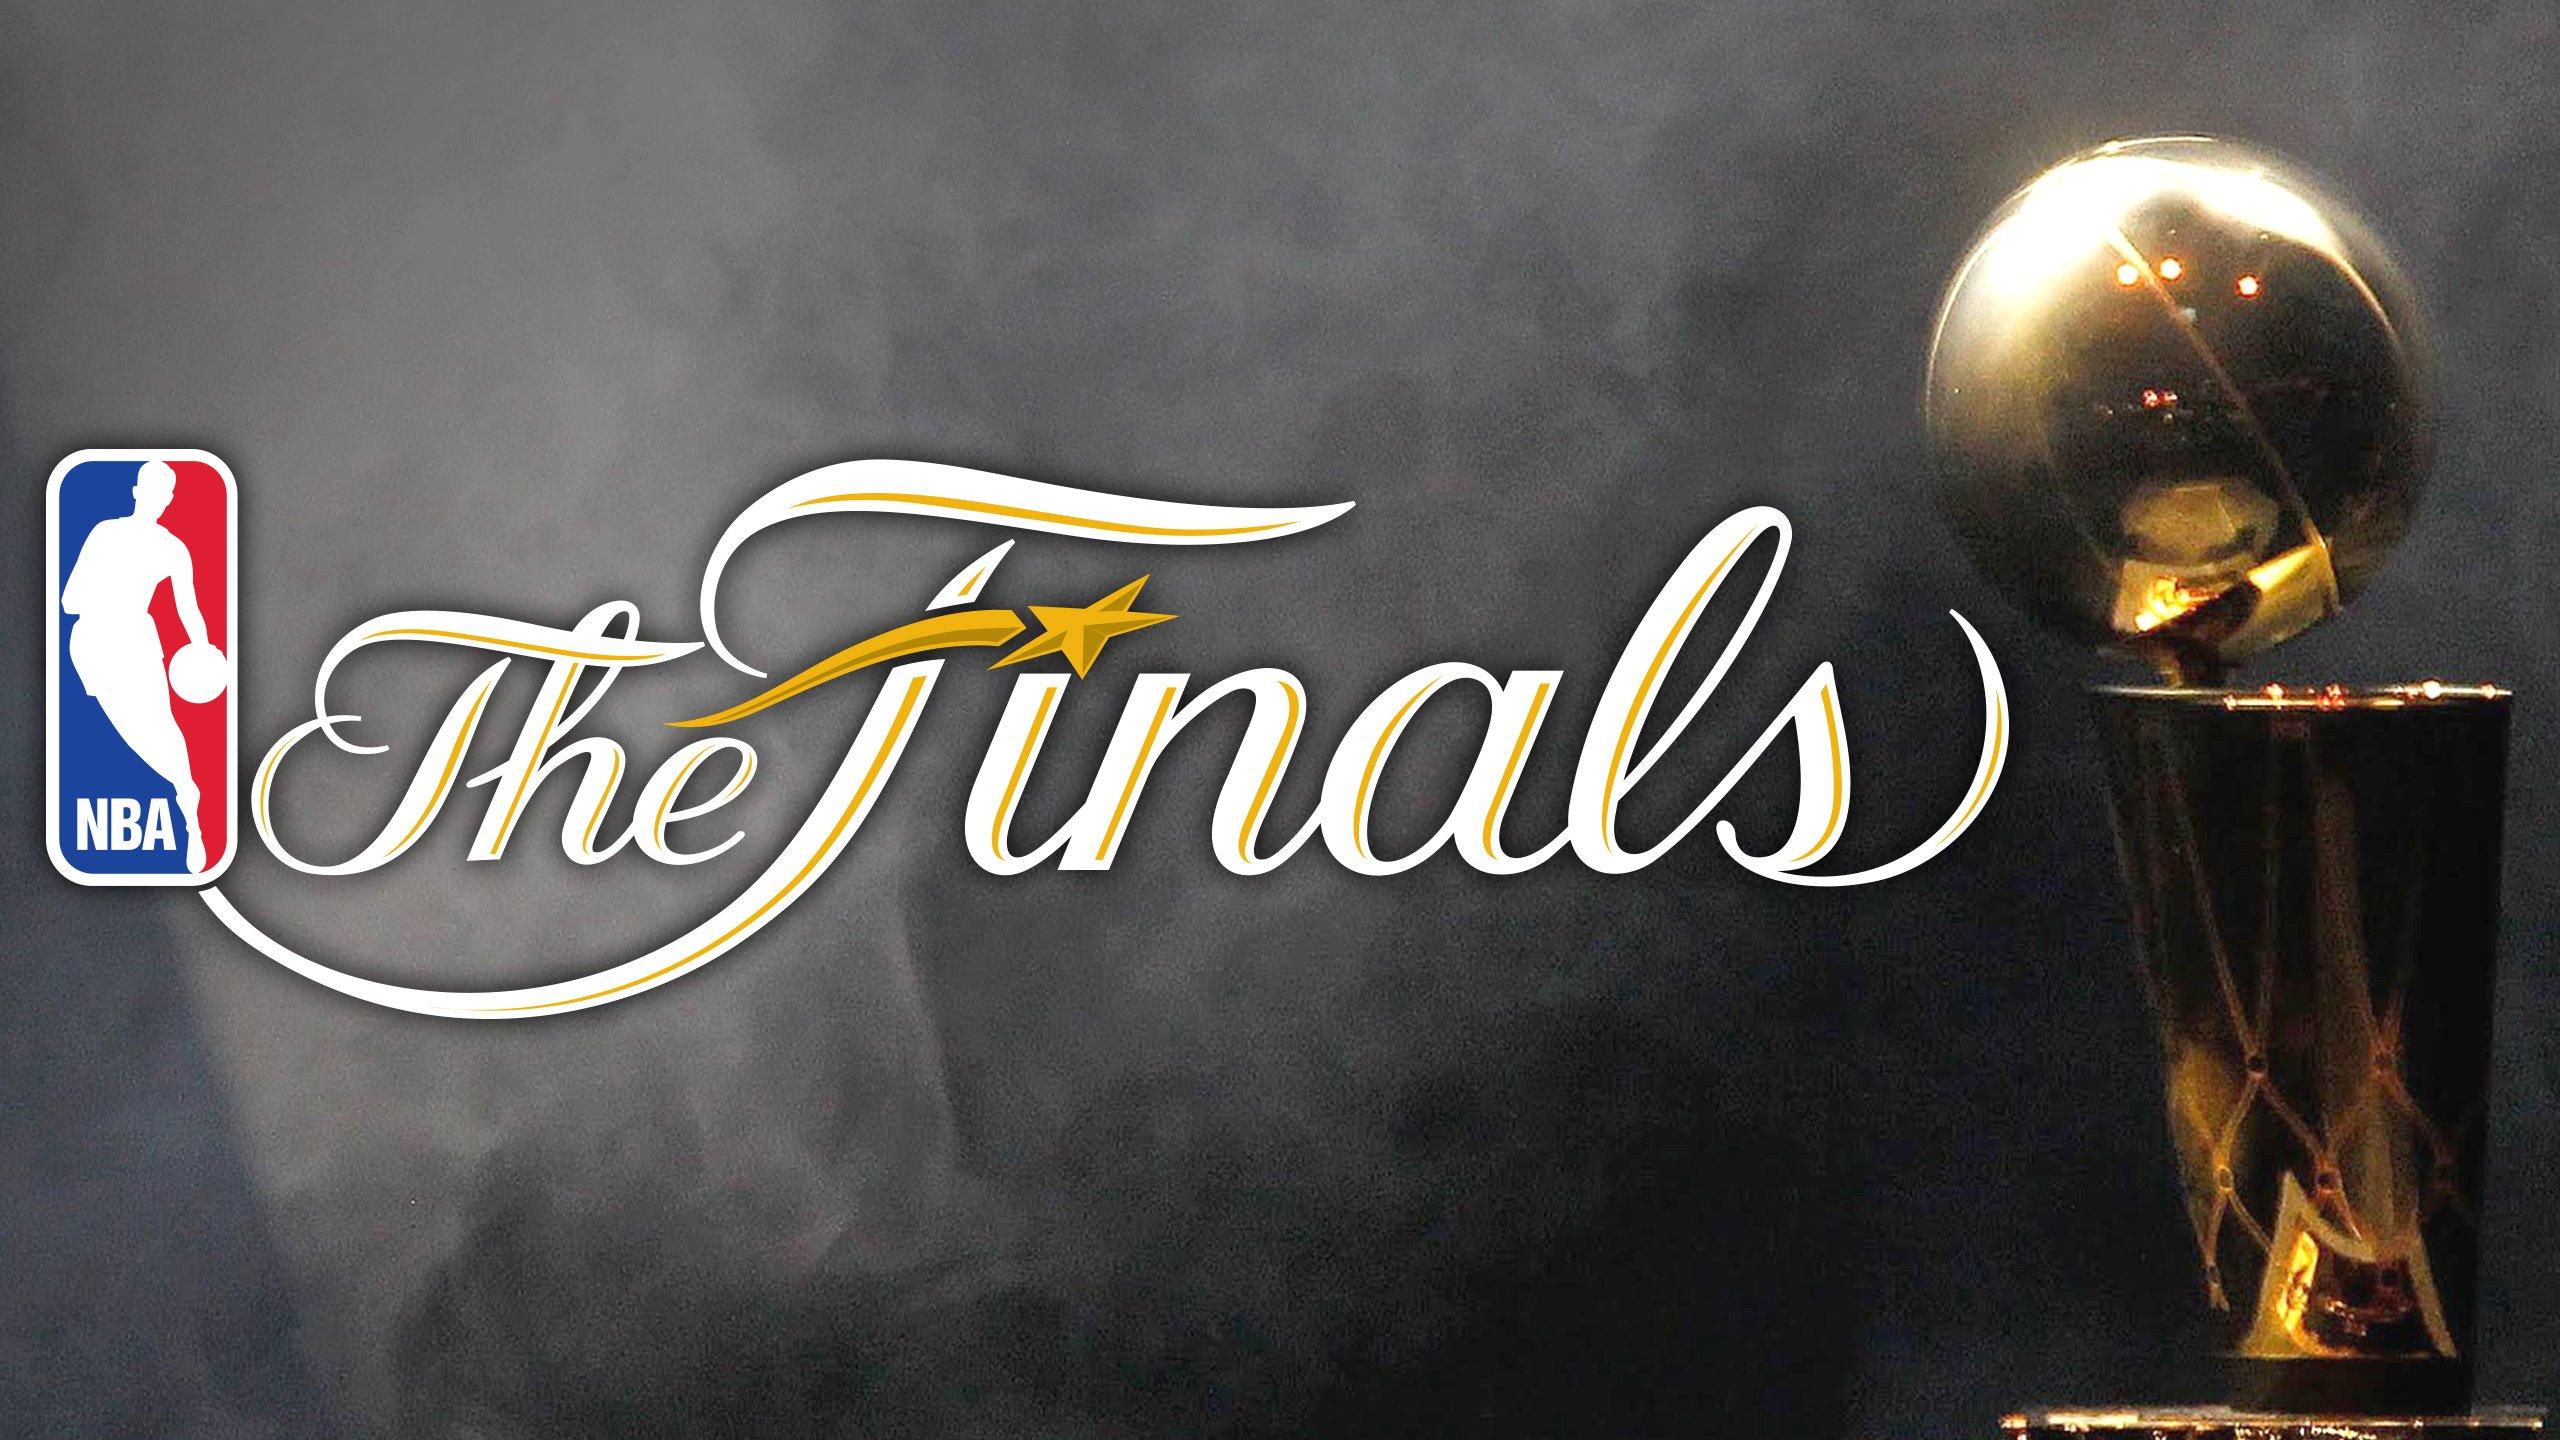 Ver Toronto Raptors - Golden State Warriors (Finales NBA 2019) en directo en streaming